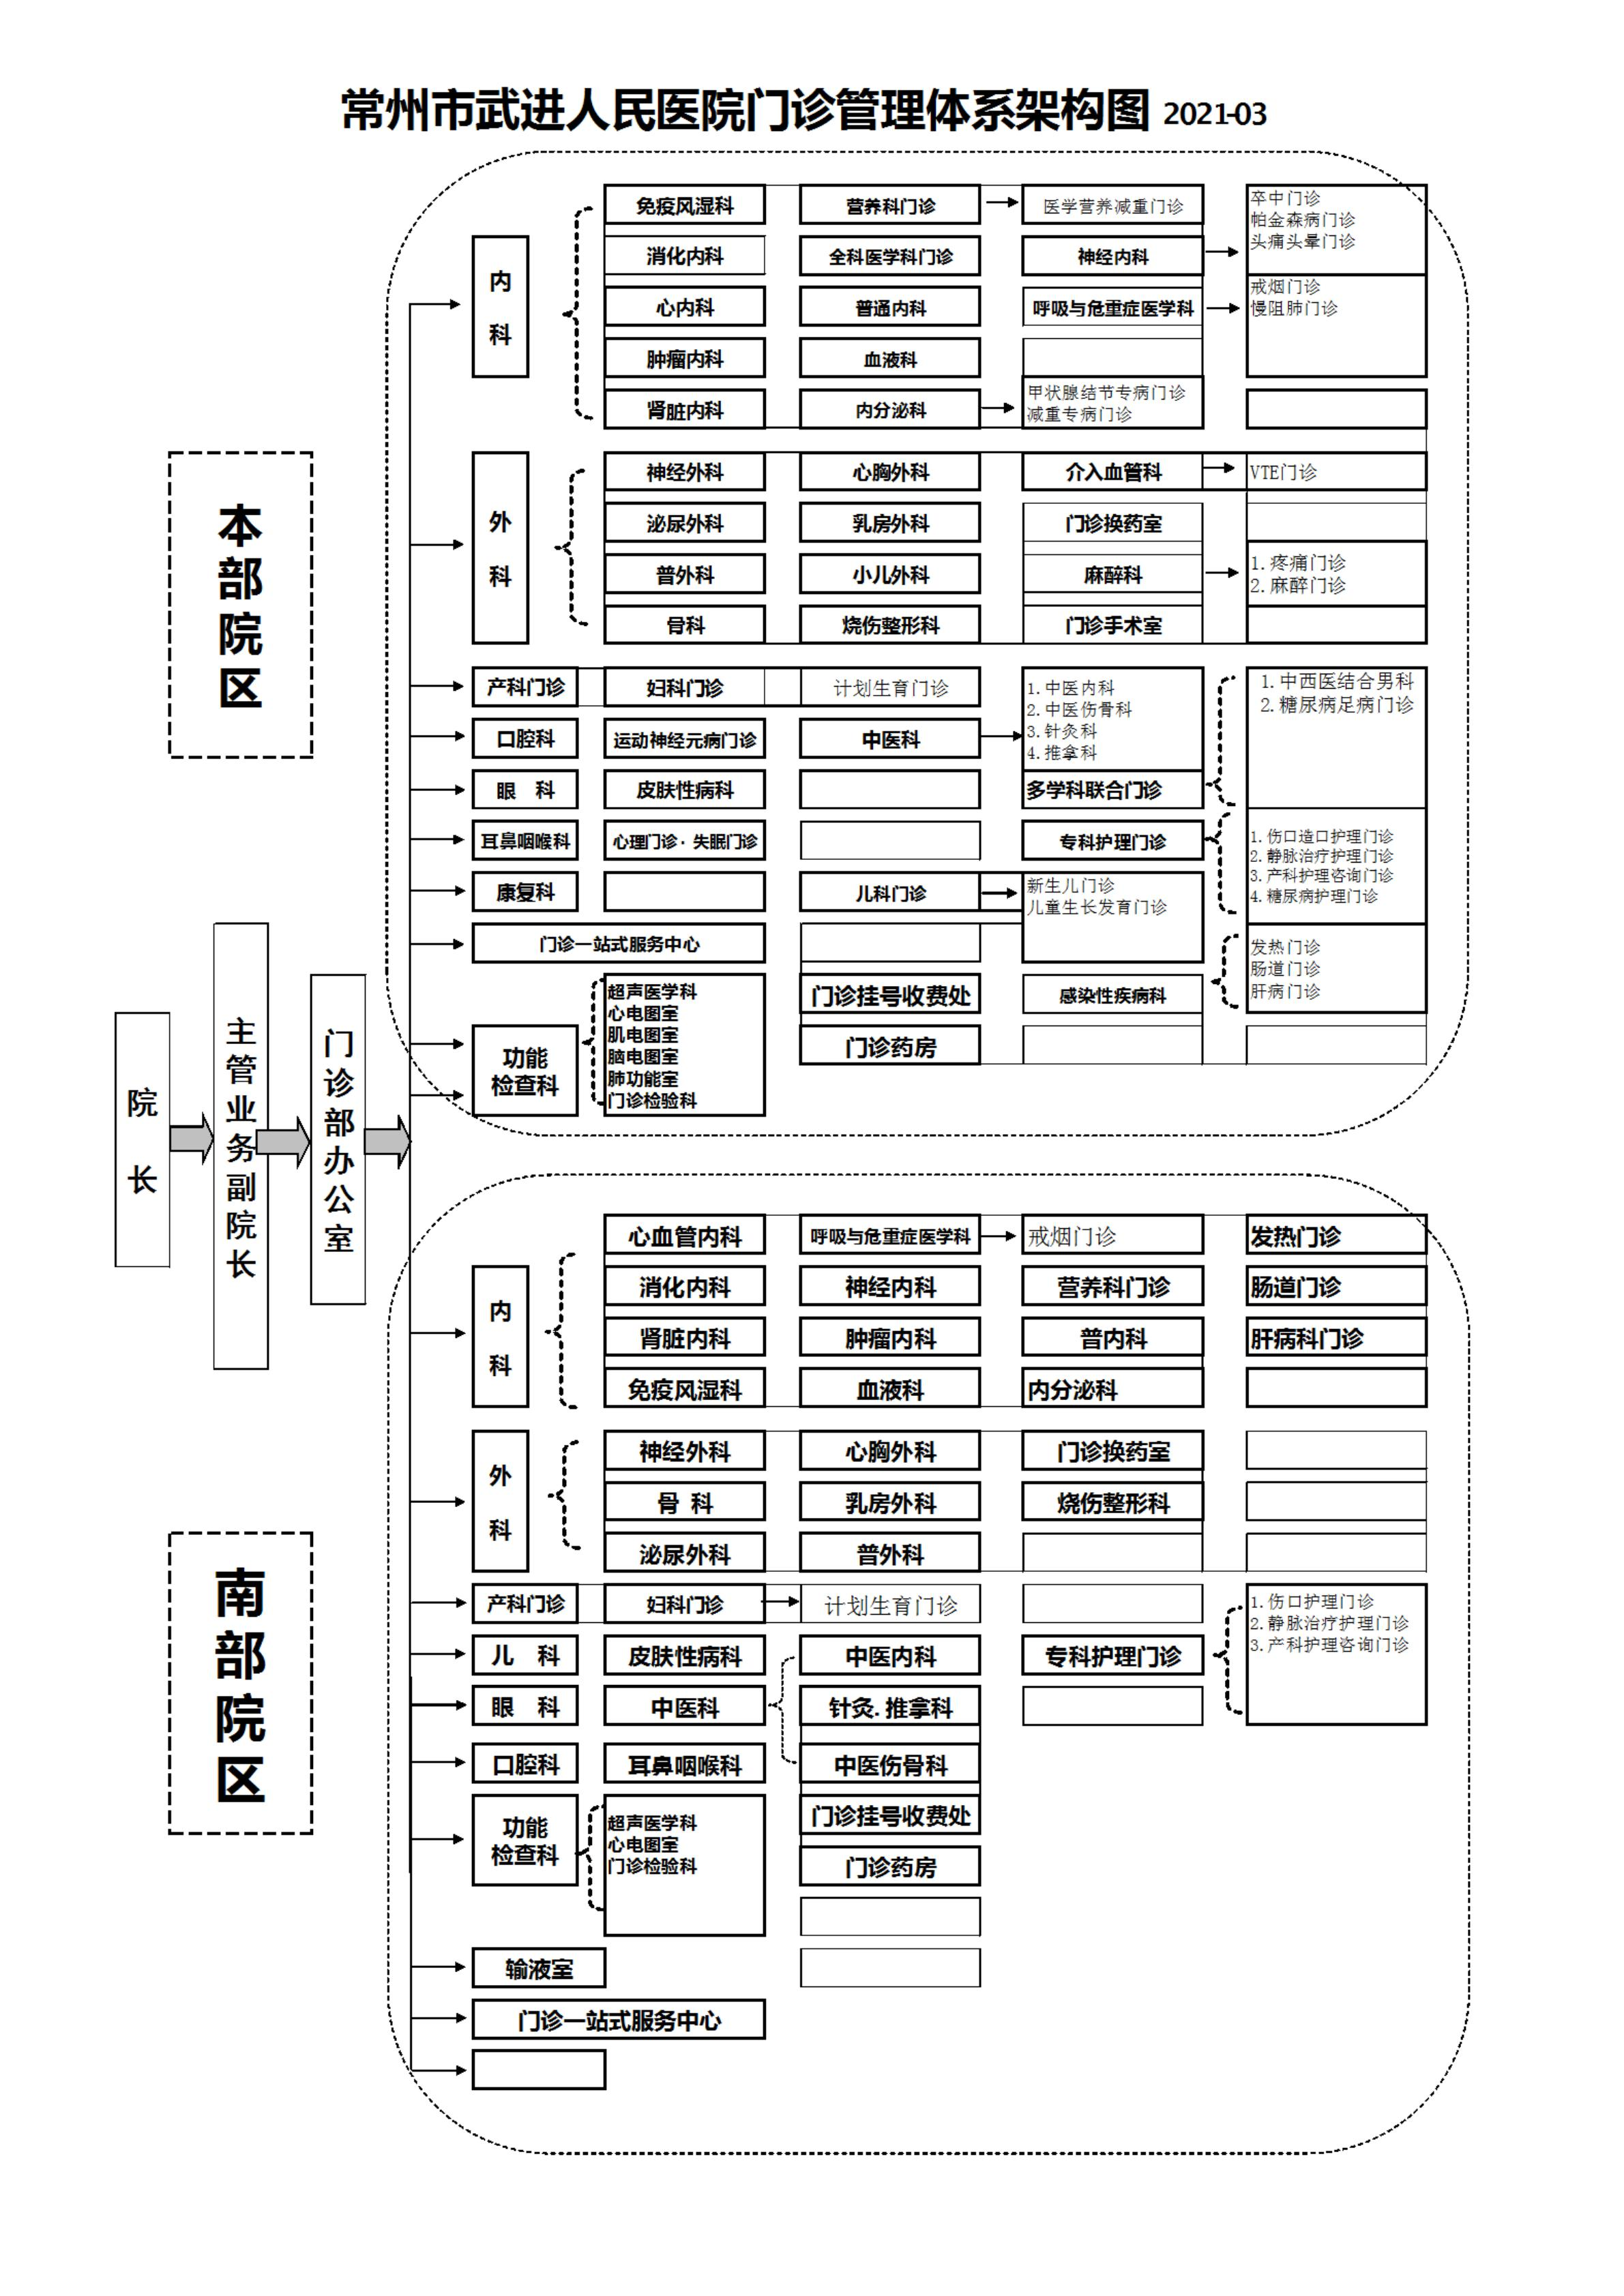 门诊管理体系架构图(2021.03).jpg